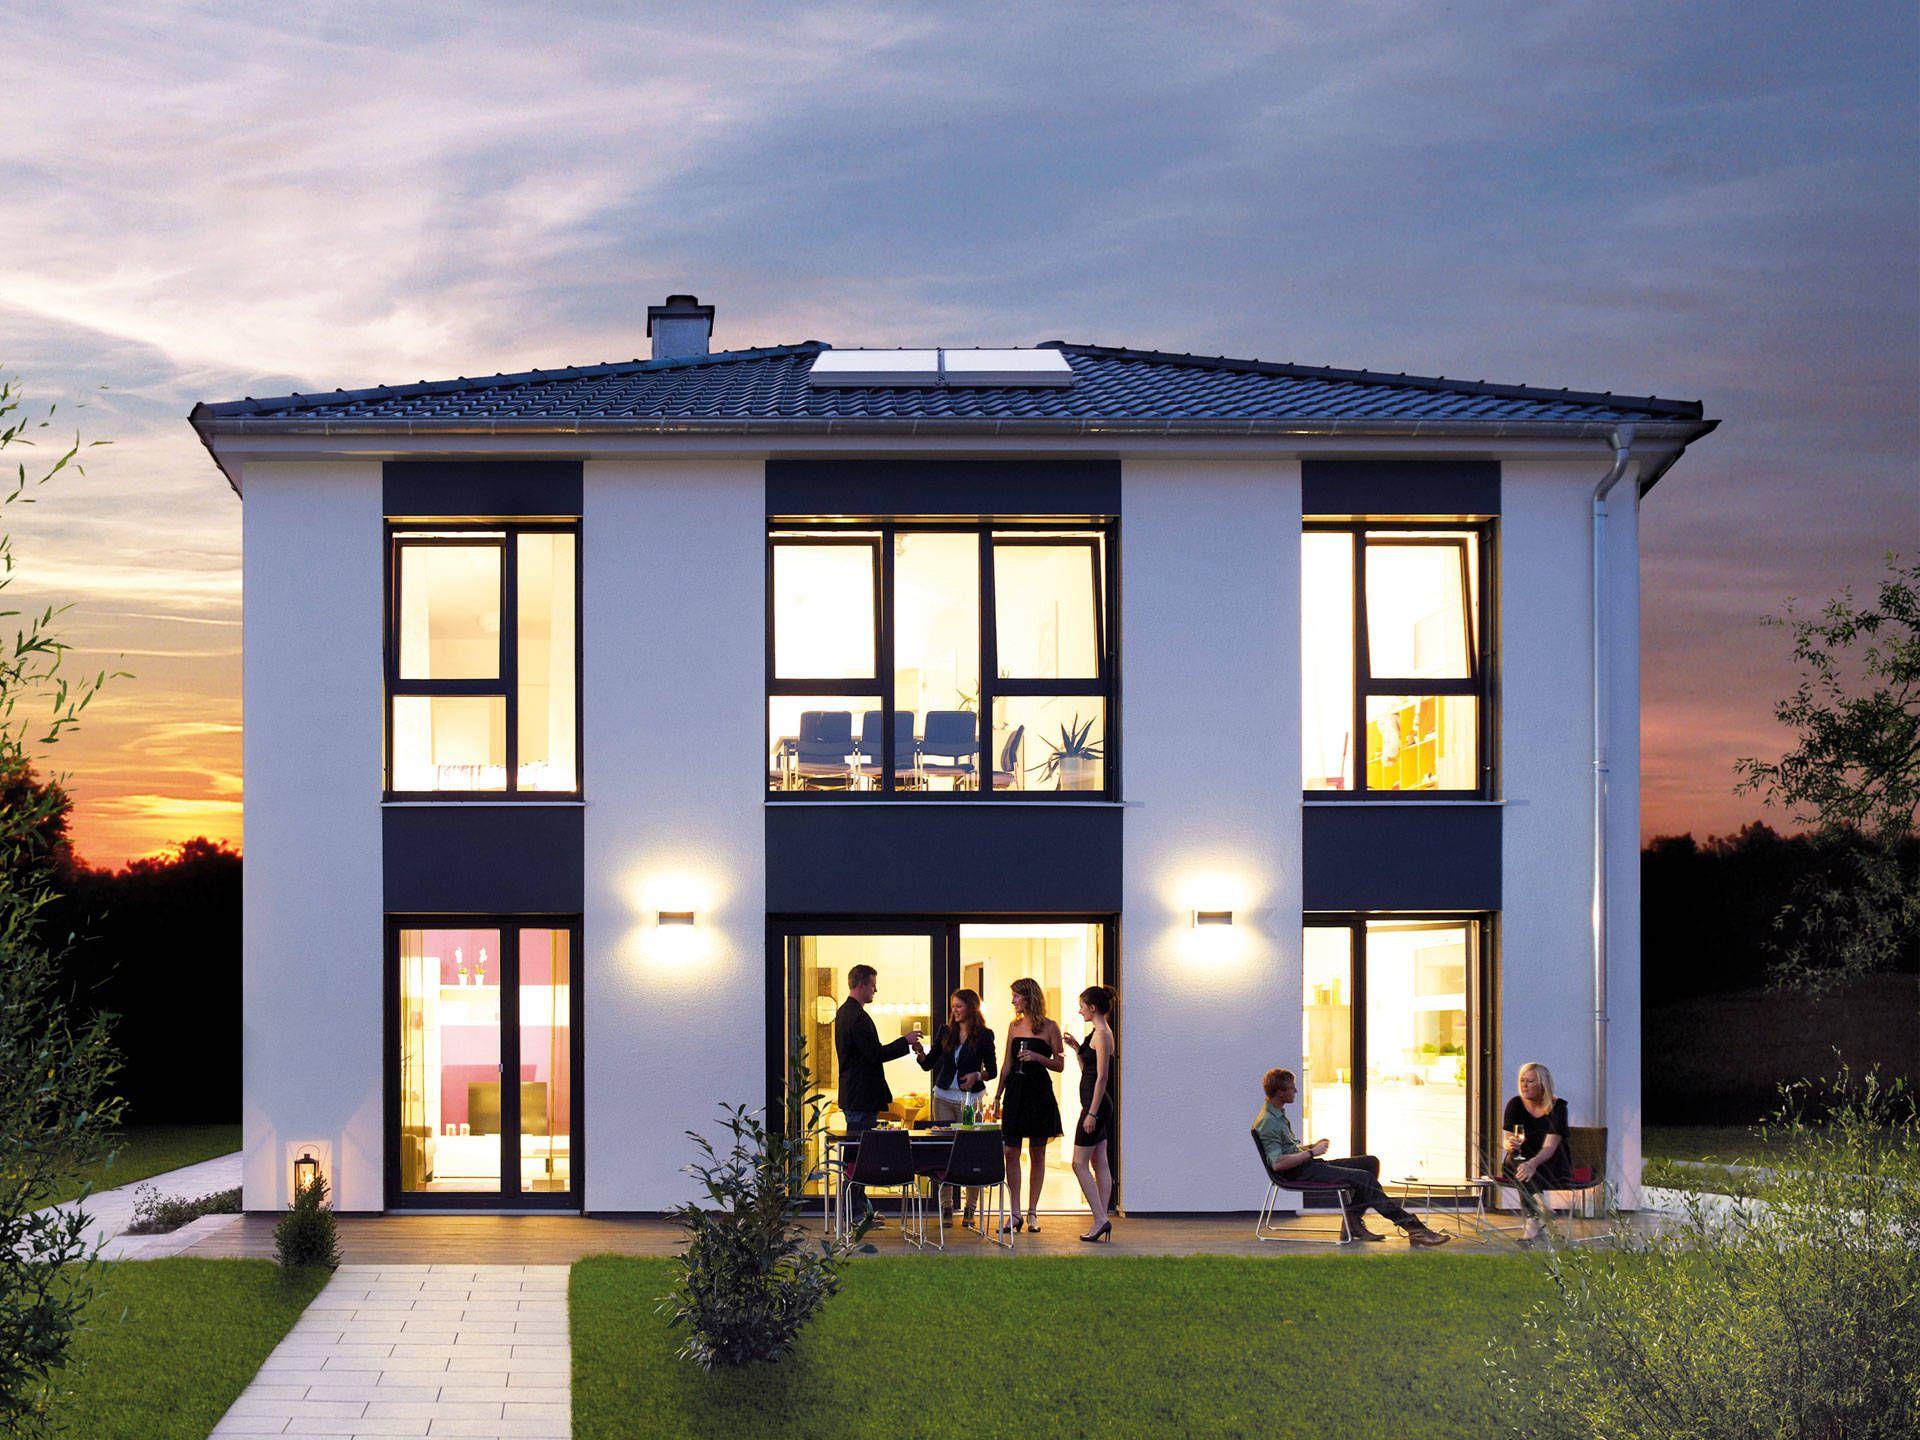 Villa 165 Hanse Haus Hanse haus, Außenbeleuchtung haus